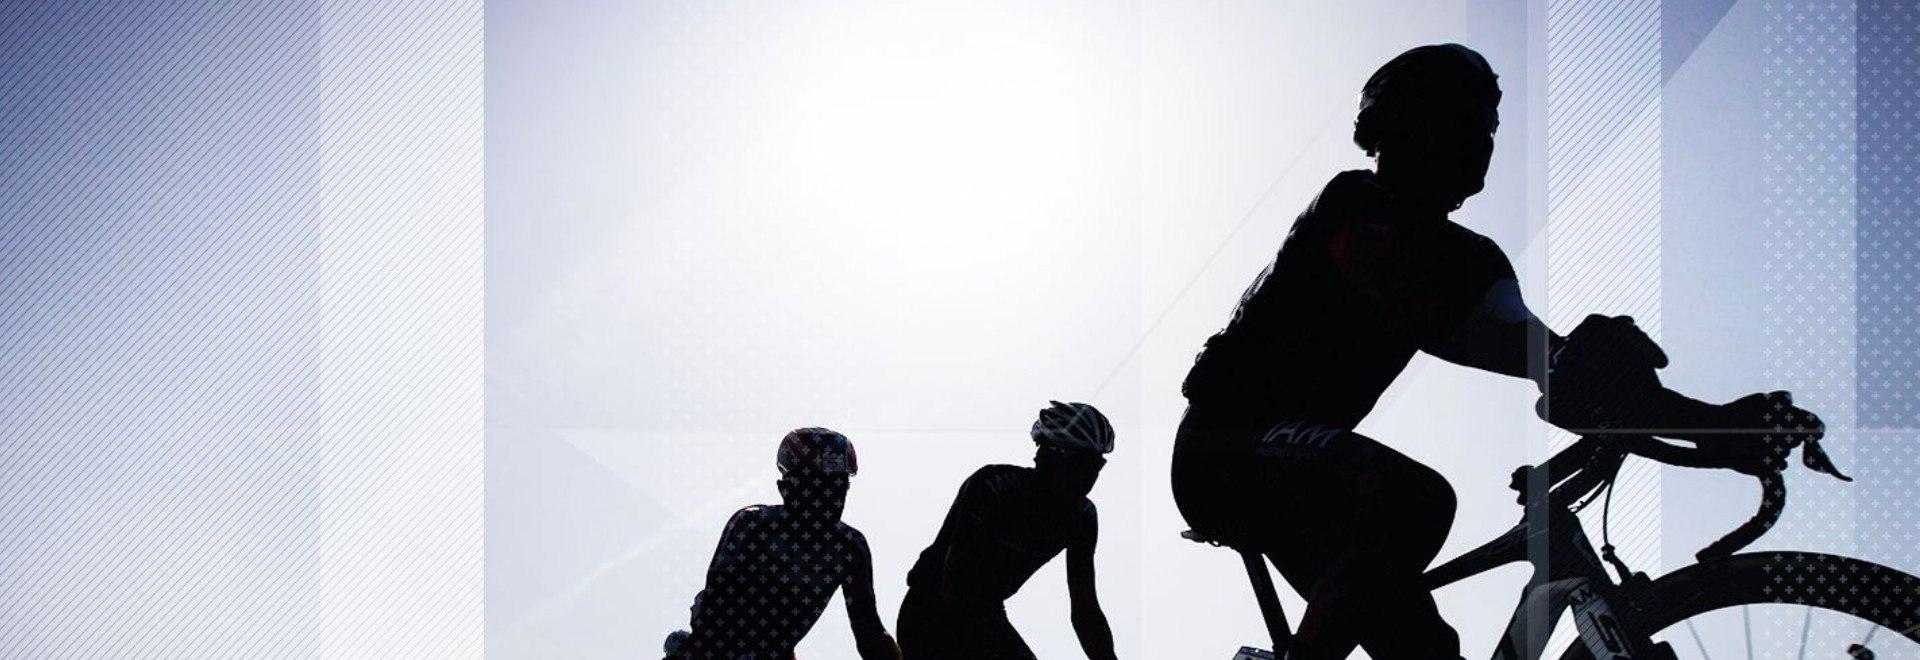 UCI World Tour